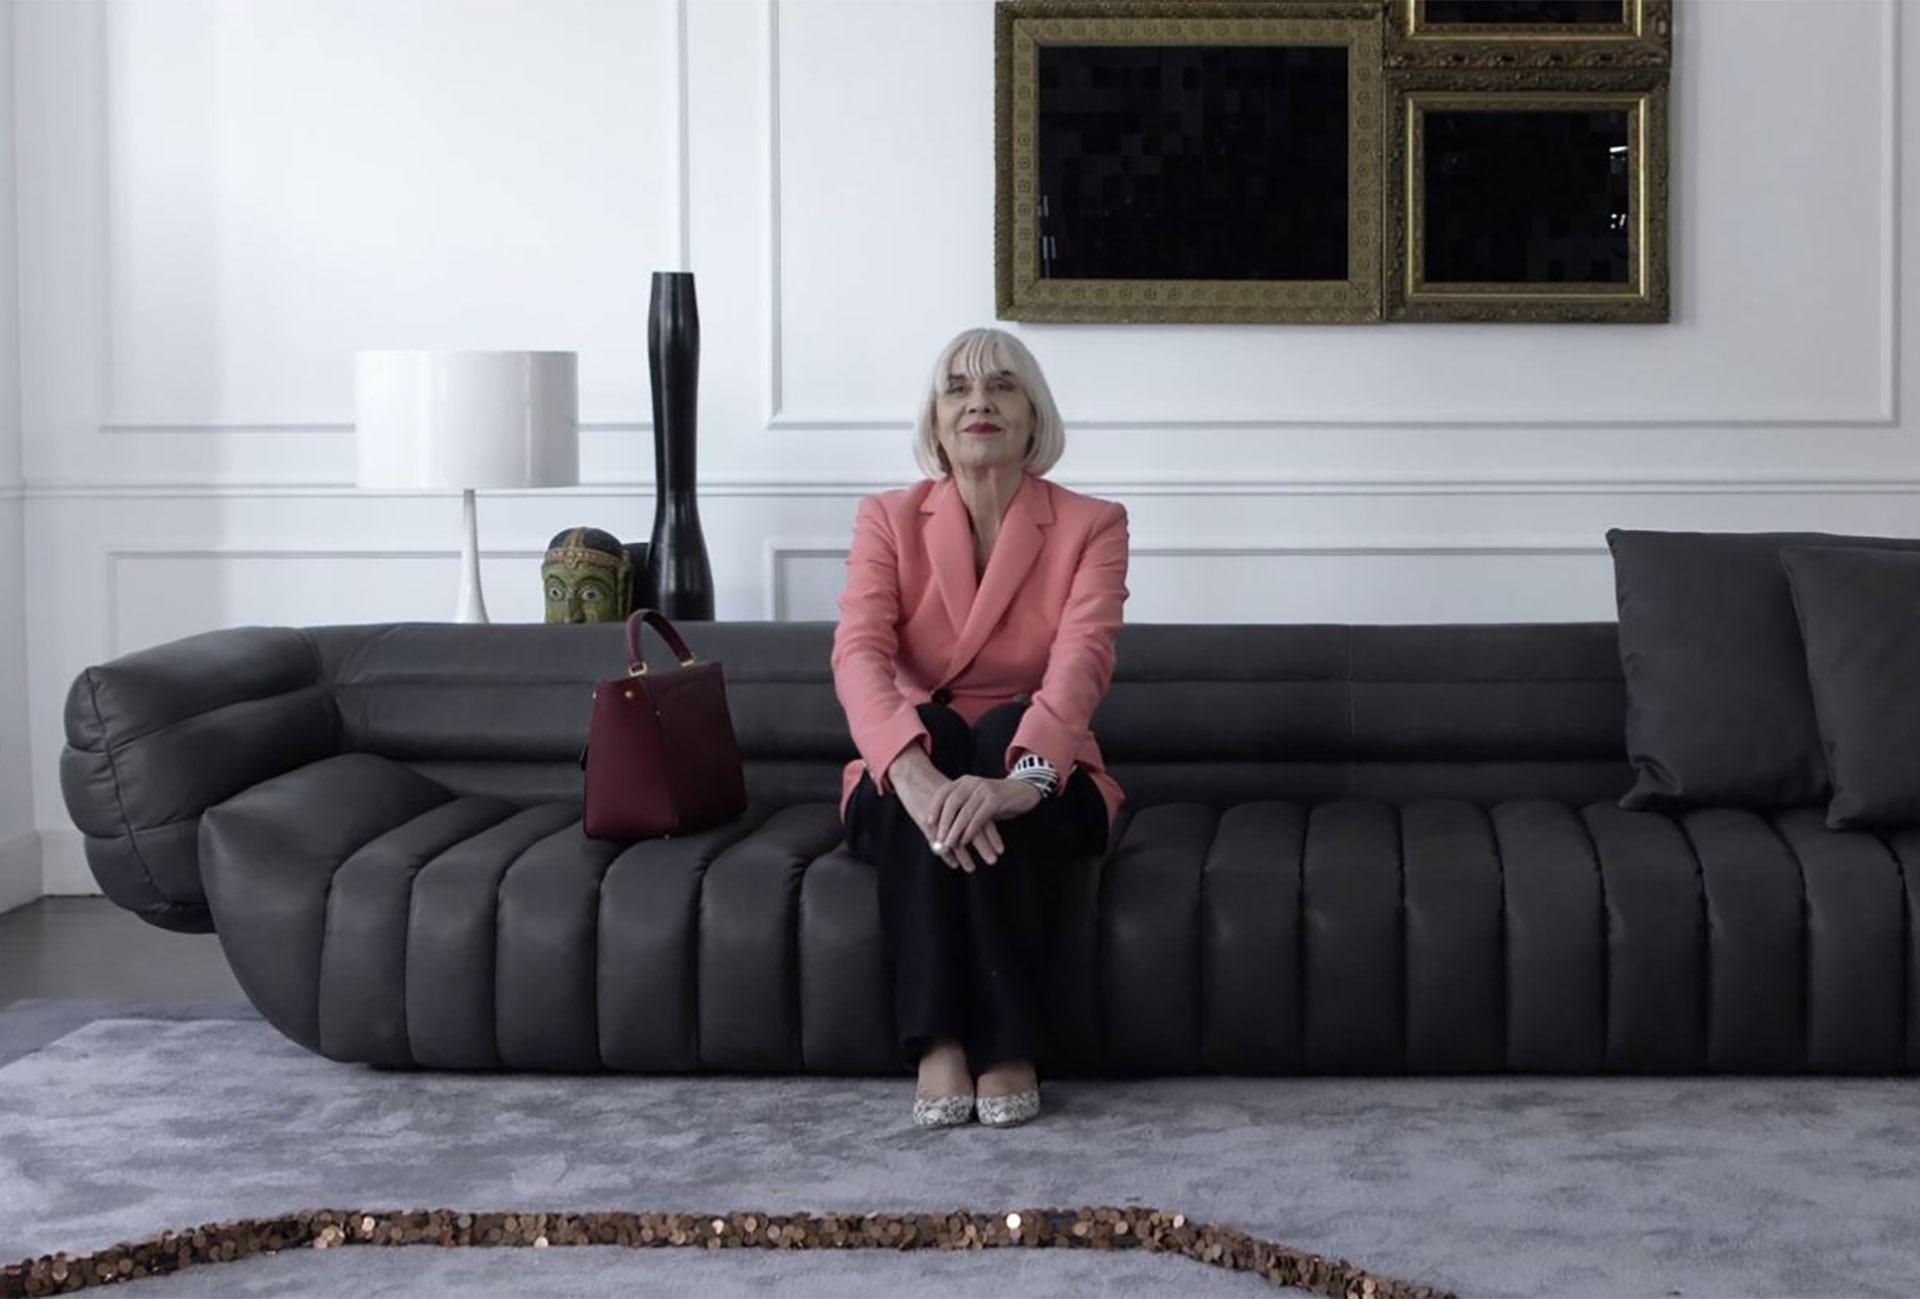 CIAK, SI GIRA: IL PRIMO FILM DI BAXTER